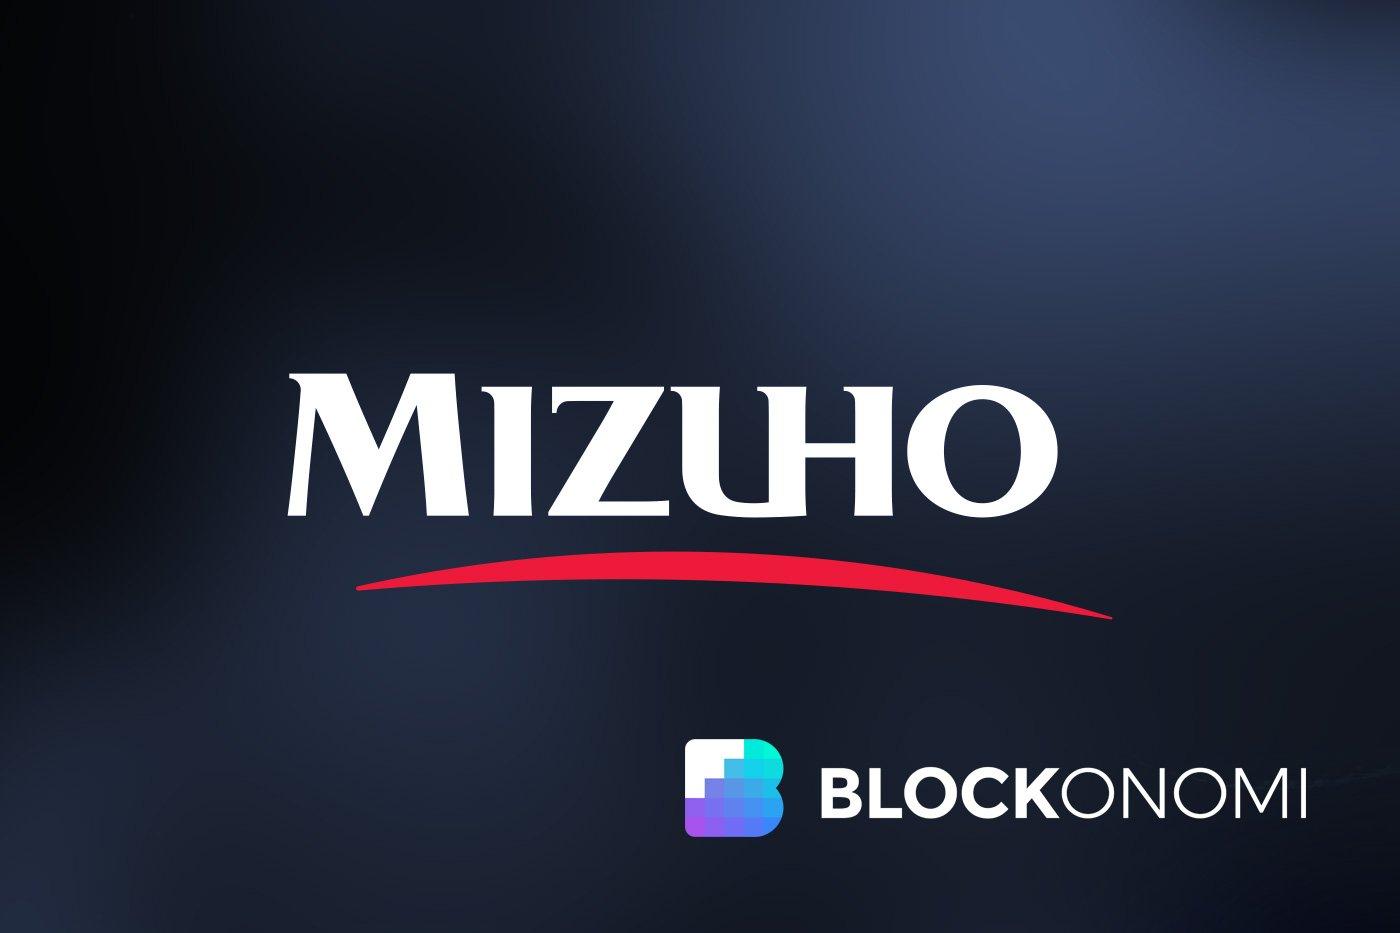 Mizuho J-Coin